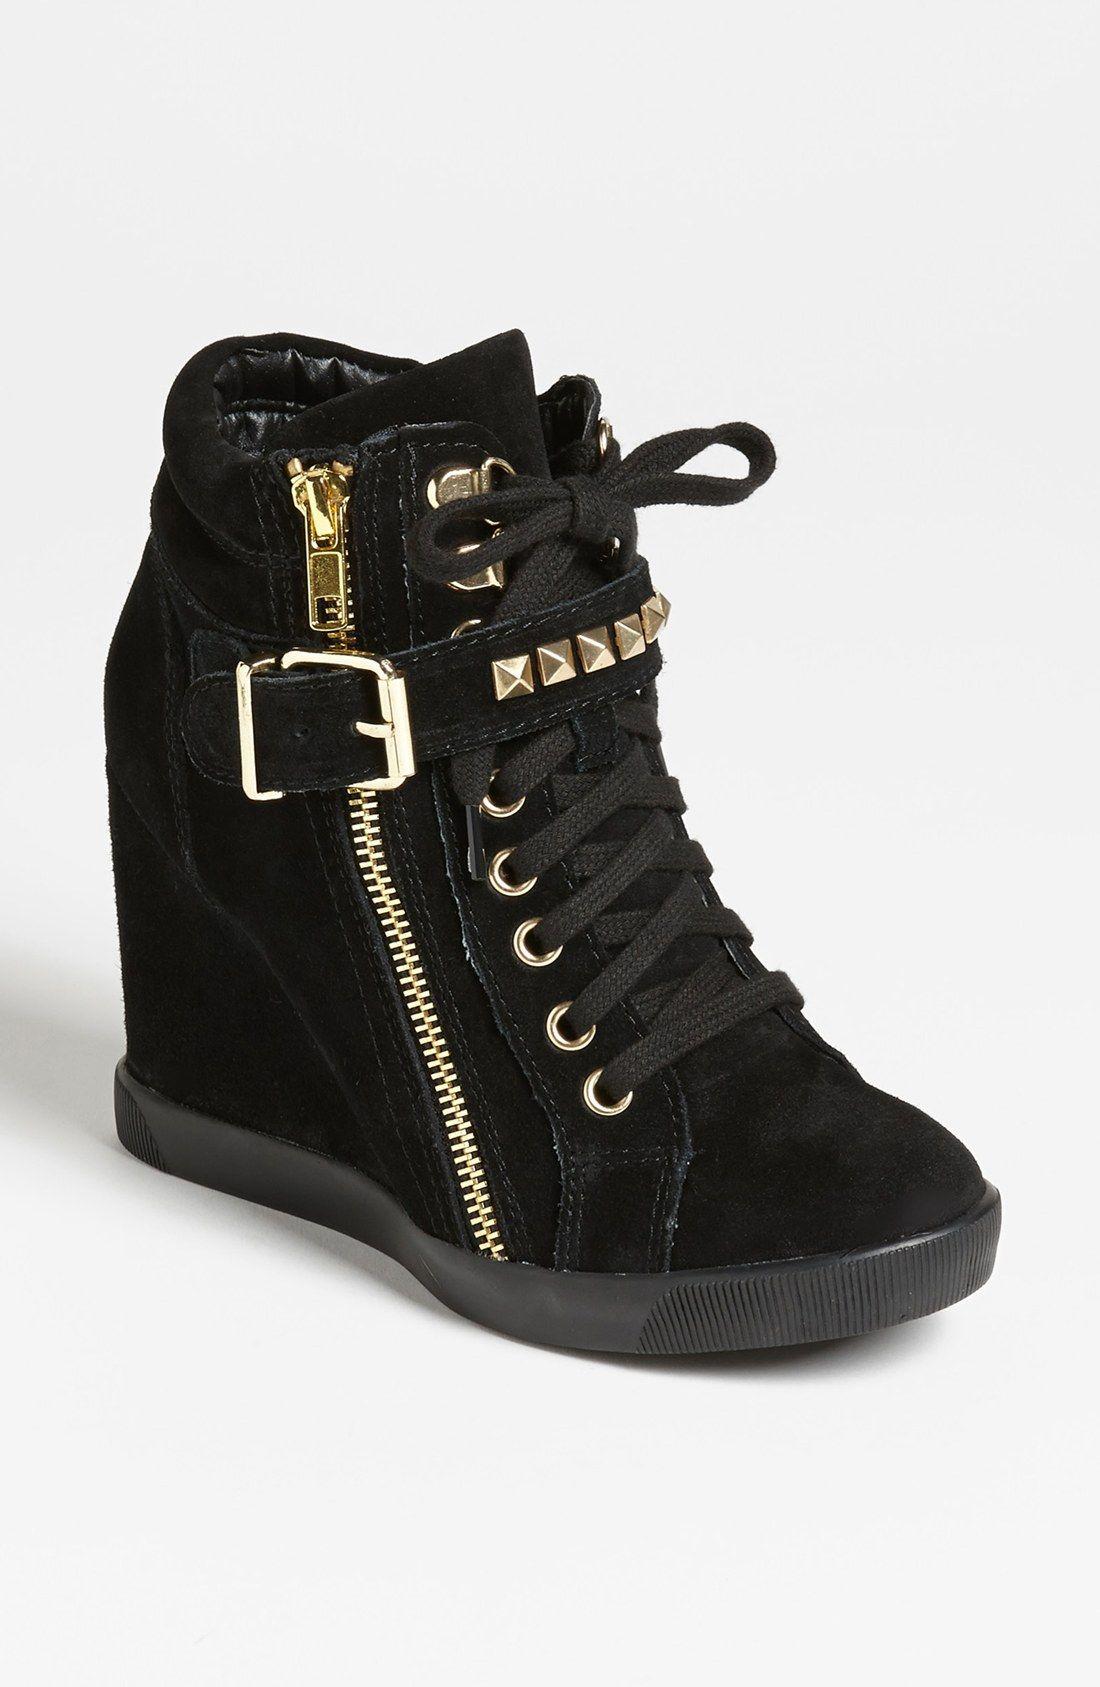 3d517ce0409 Steve Madden 'Obsess' Wedge Sneaker | Nordstrom | Dream Closet ...